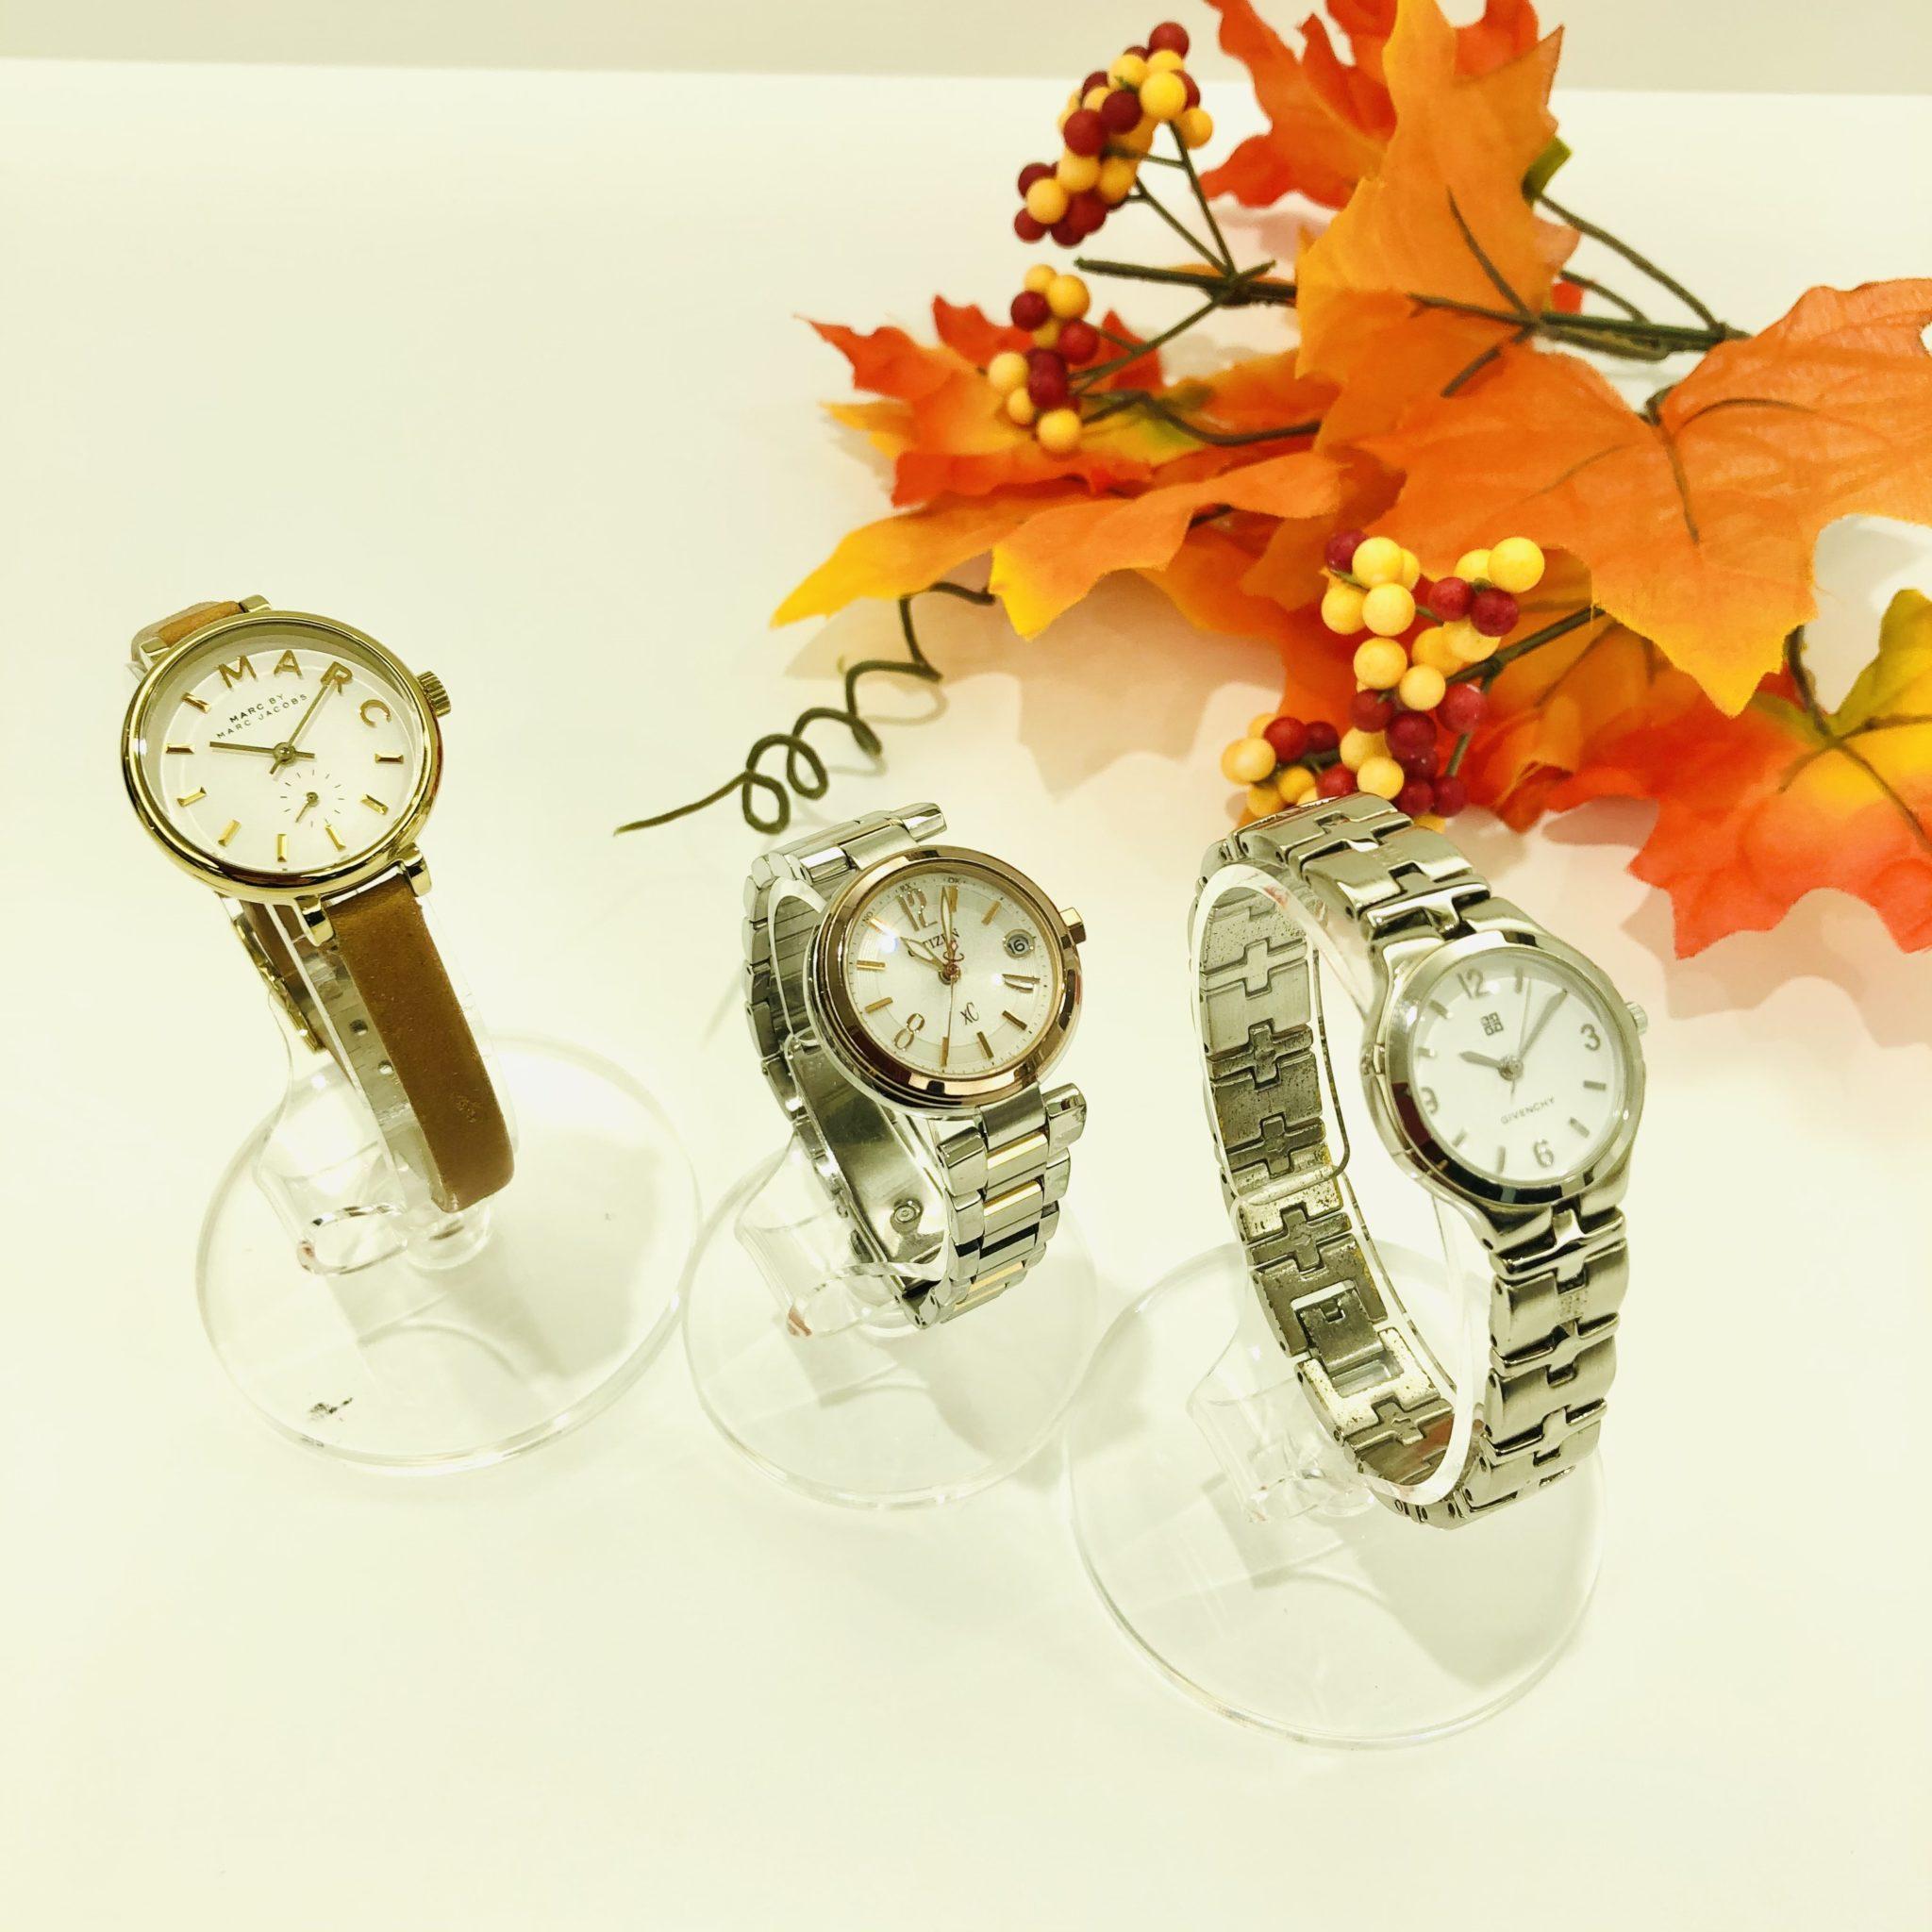 【時計 販売 盛岡】シーンによって使い分け!!1万円以下で購入できるブランド腕時計